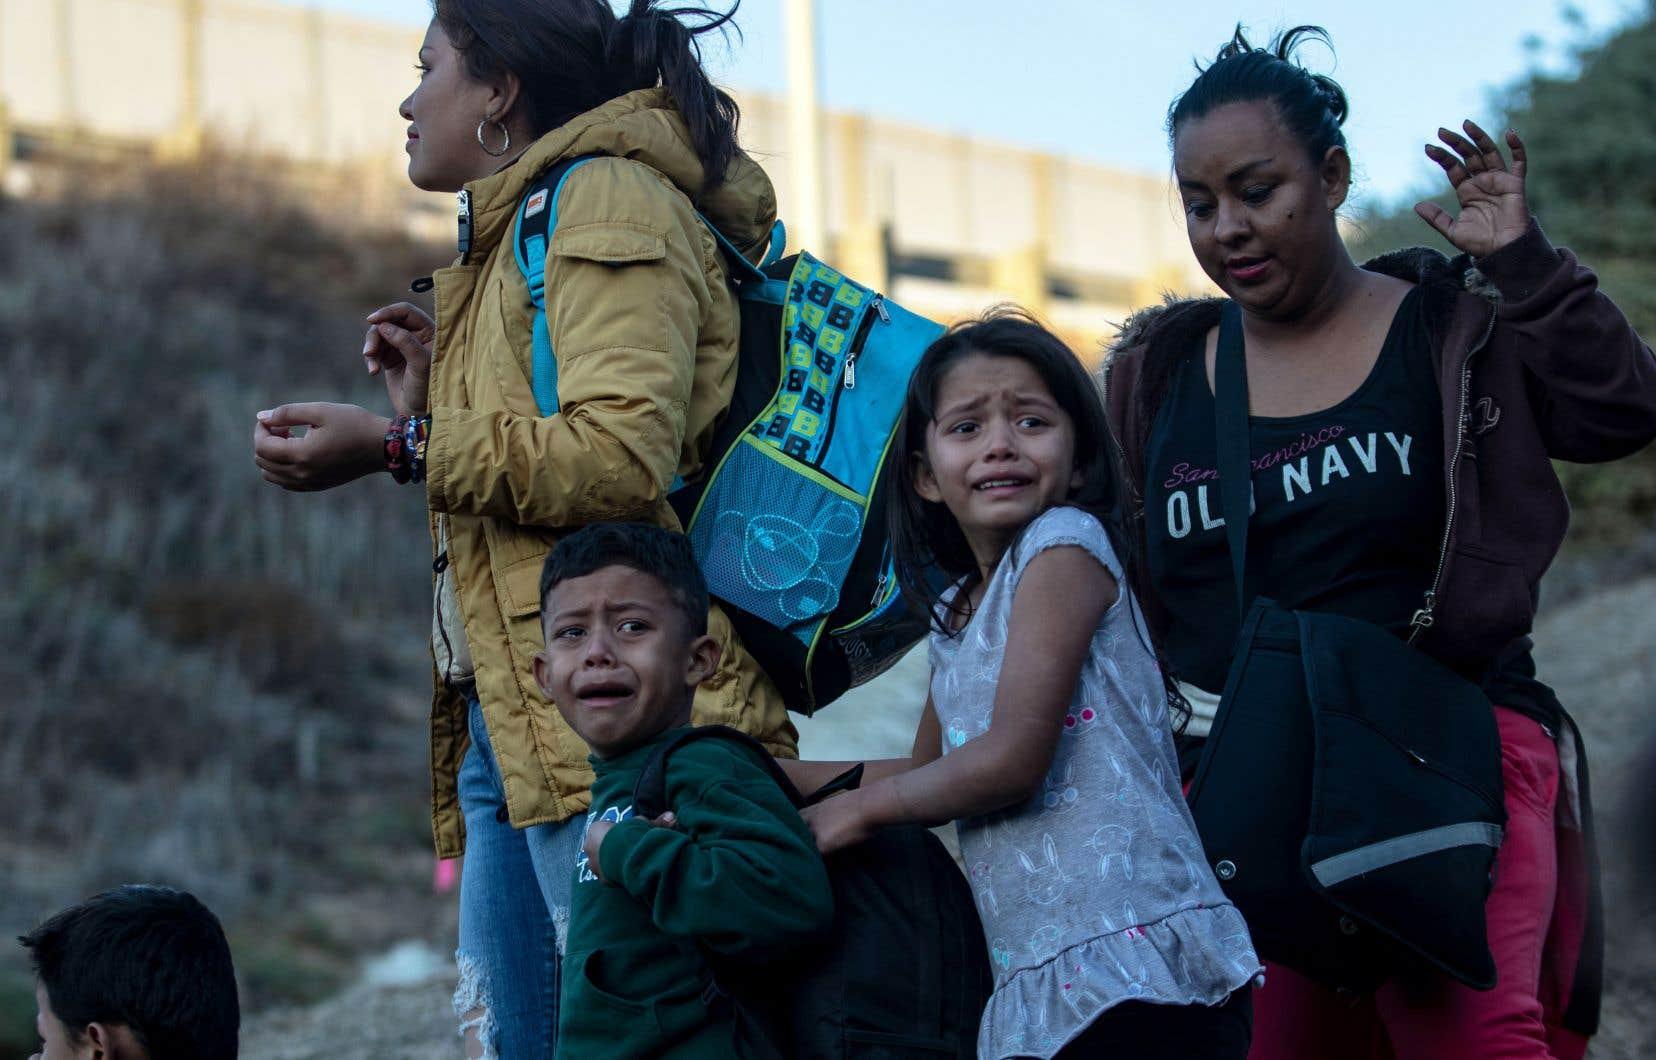 Des enfants pleurent alors qu'un groupe de migrants se rendent aux agents frontaliers américains après avoir franchi la barrière de métal séparant Playas de Tijuana au Mexique des États-Unis.